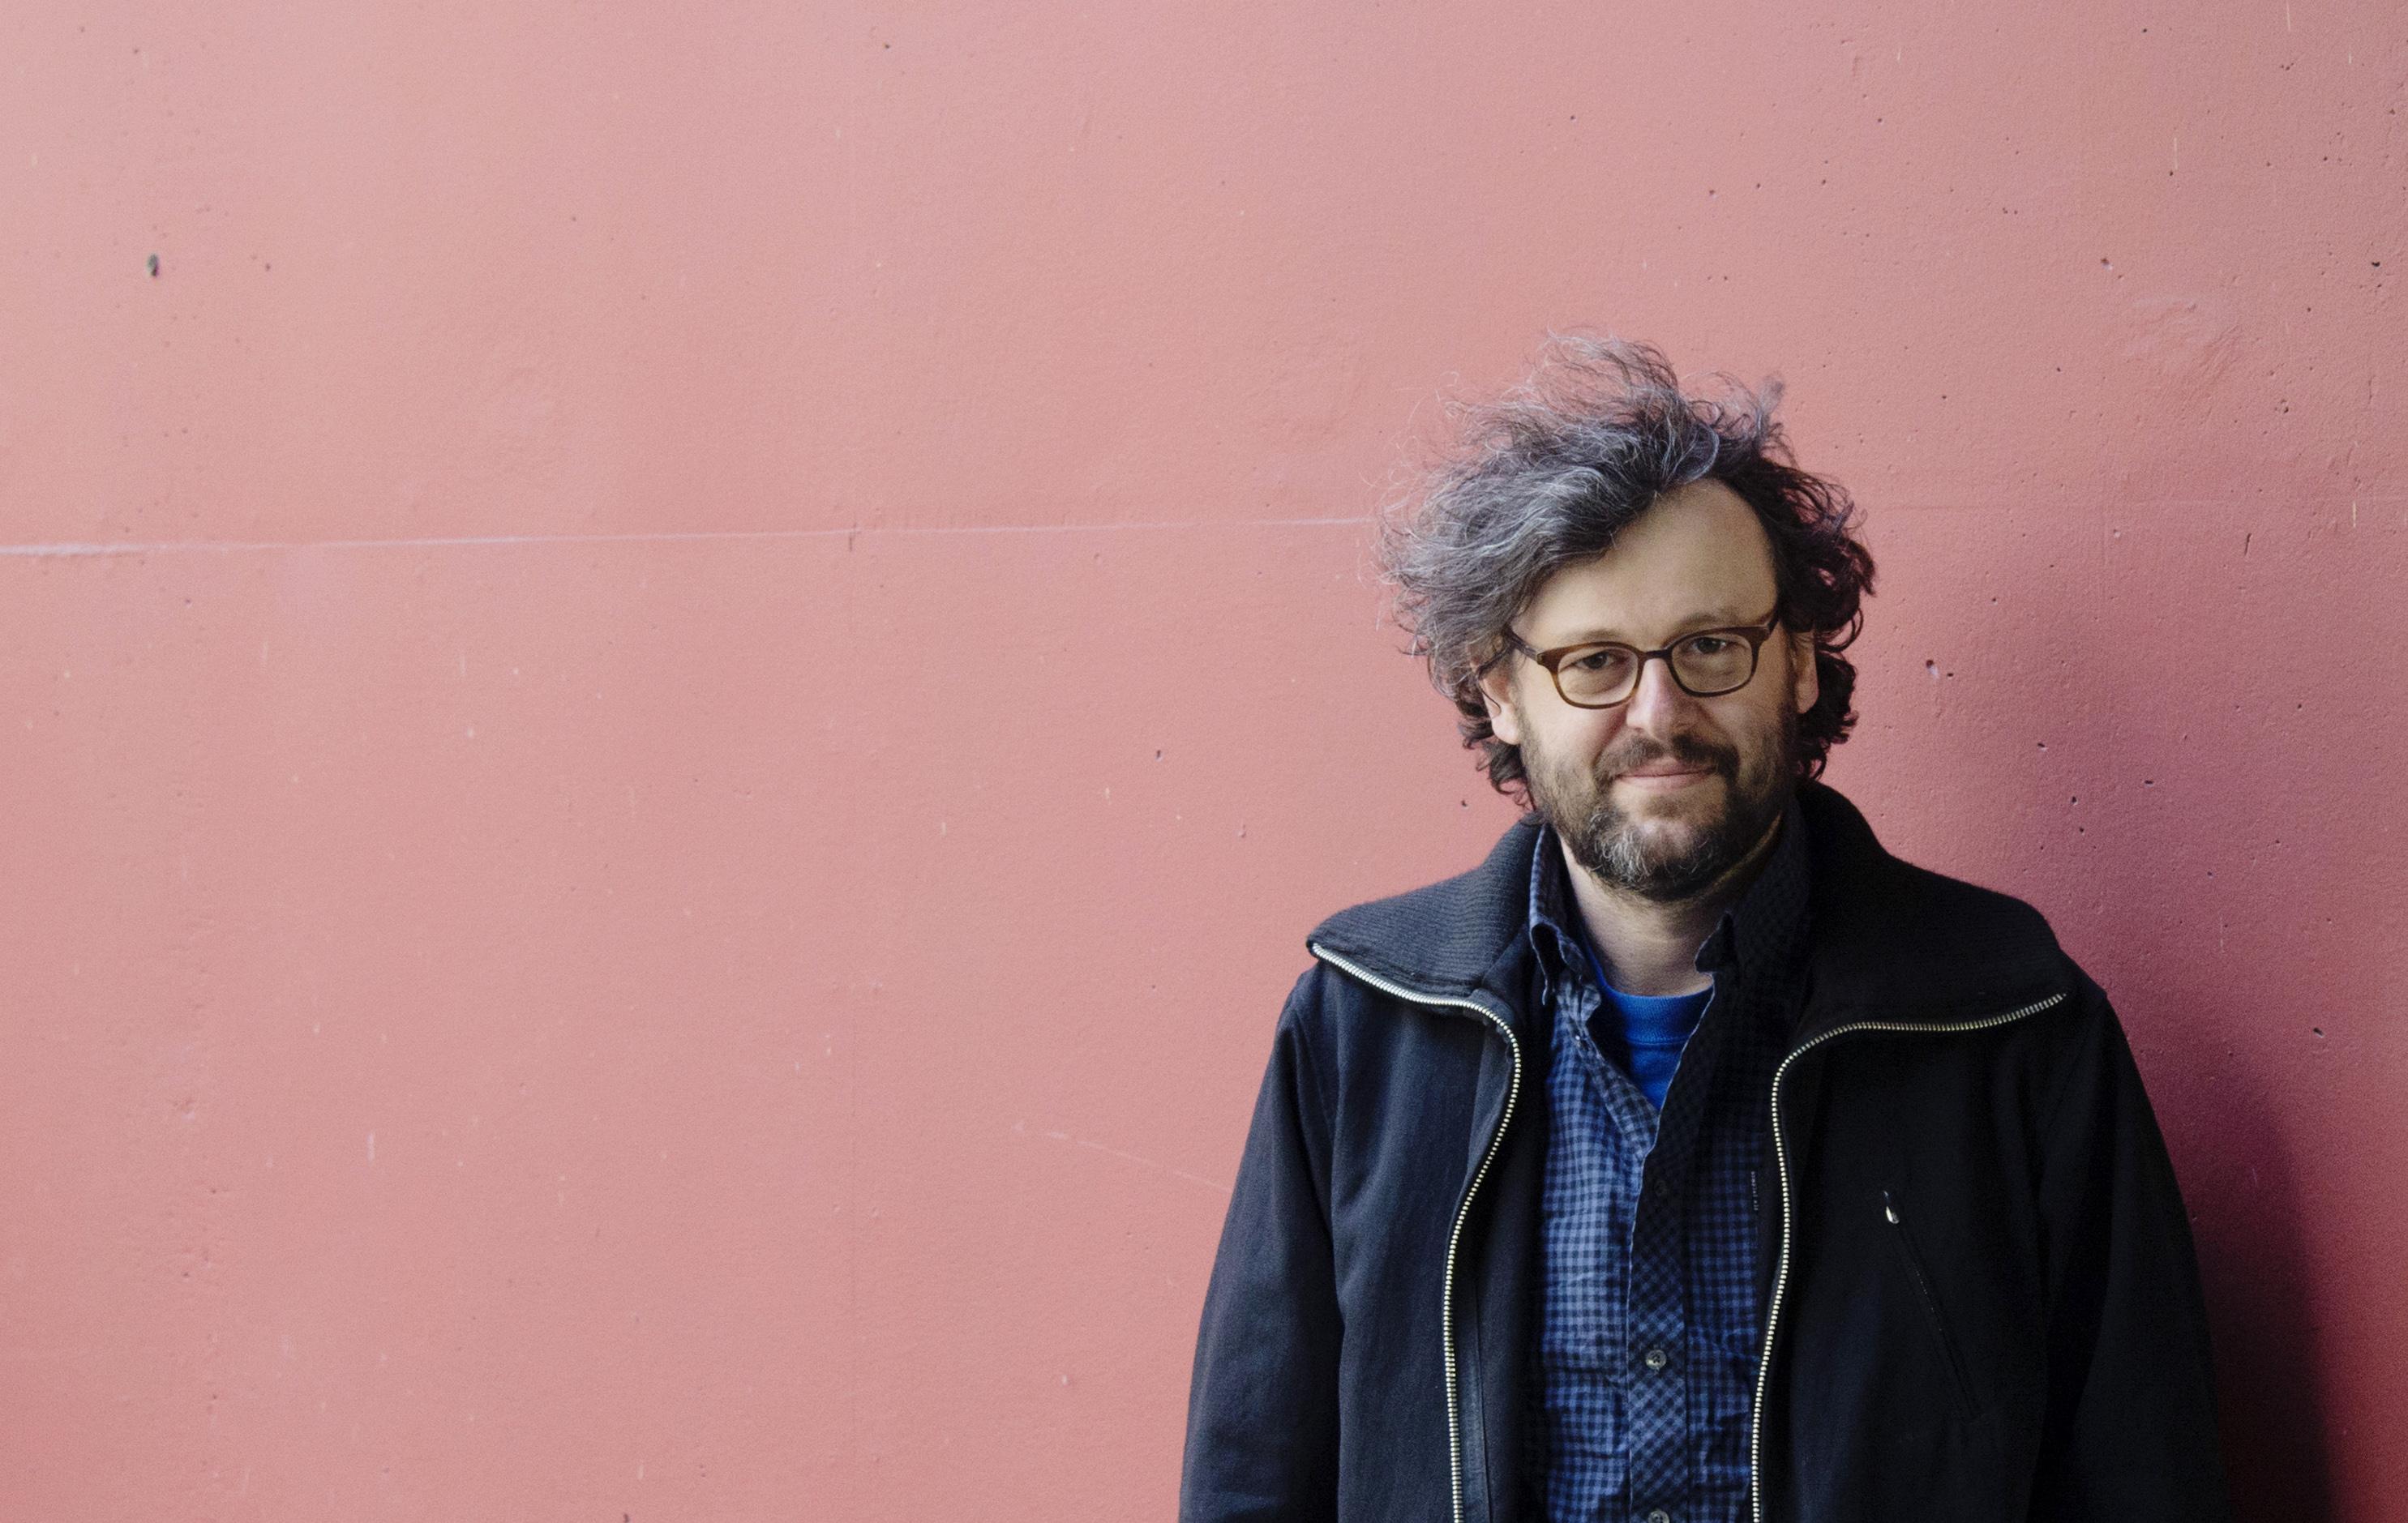 Il progetto solista di Markus Acher dei Notwist